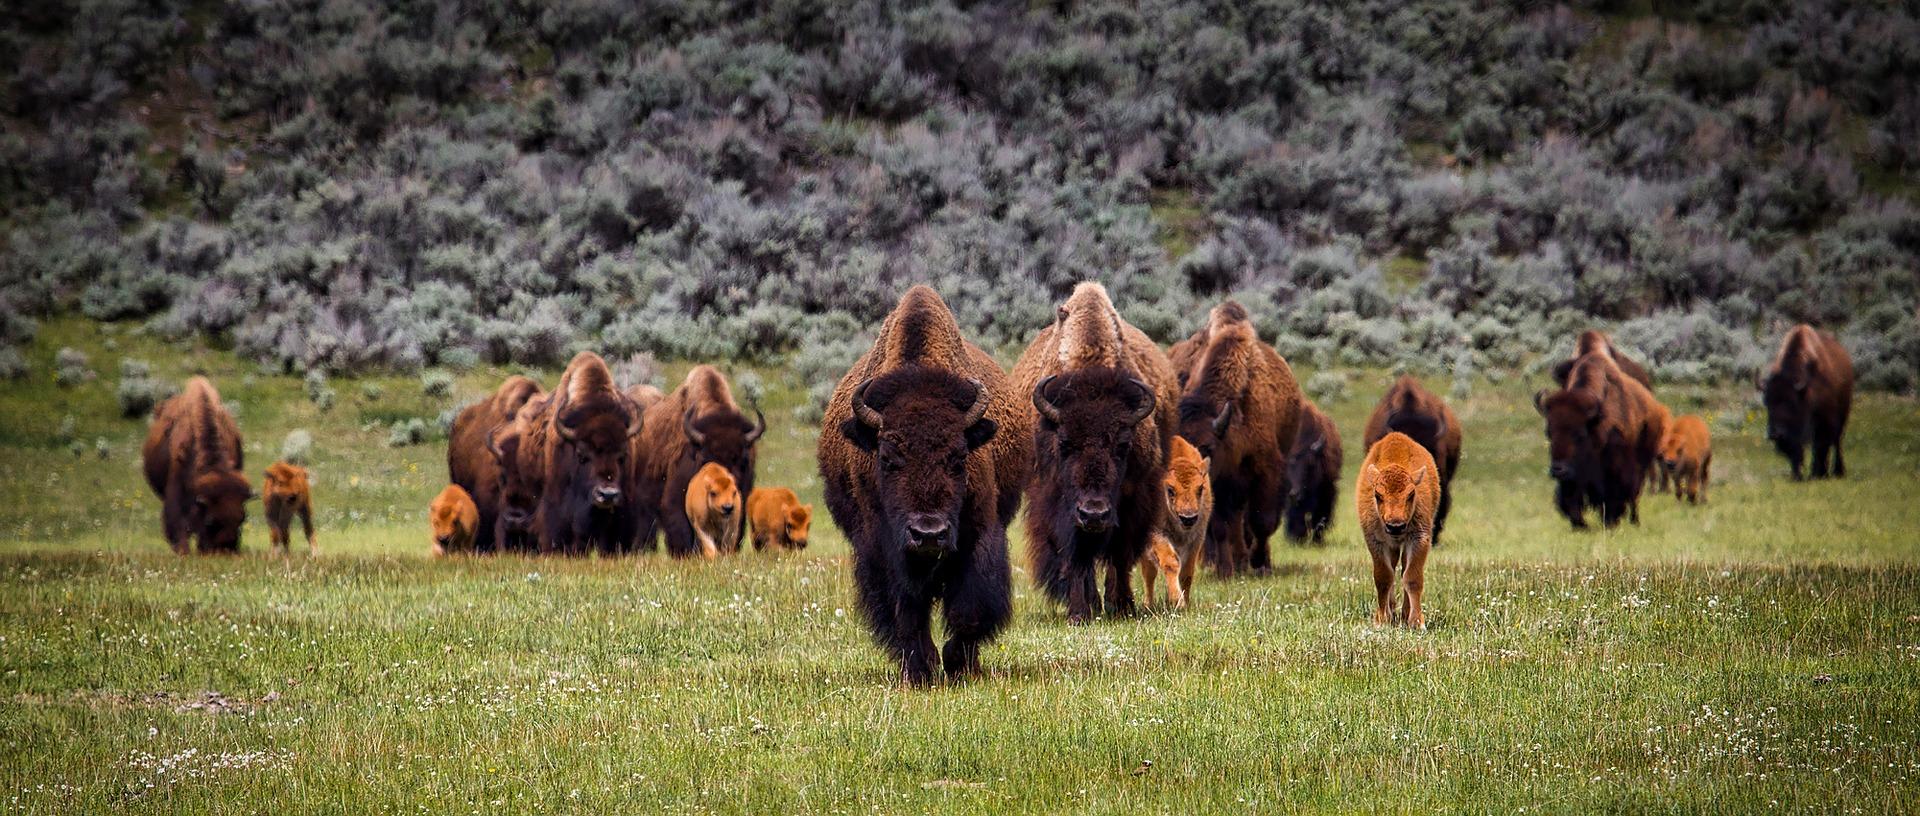 A herd of buffalo approaching the camera.